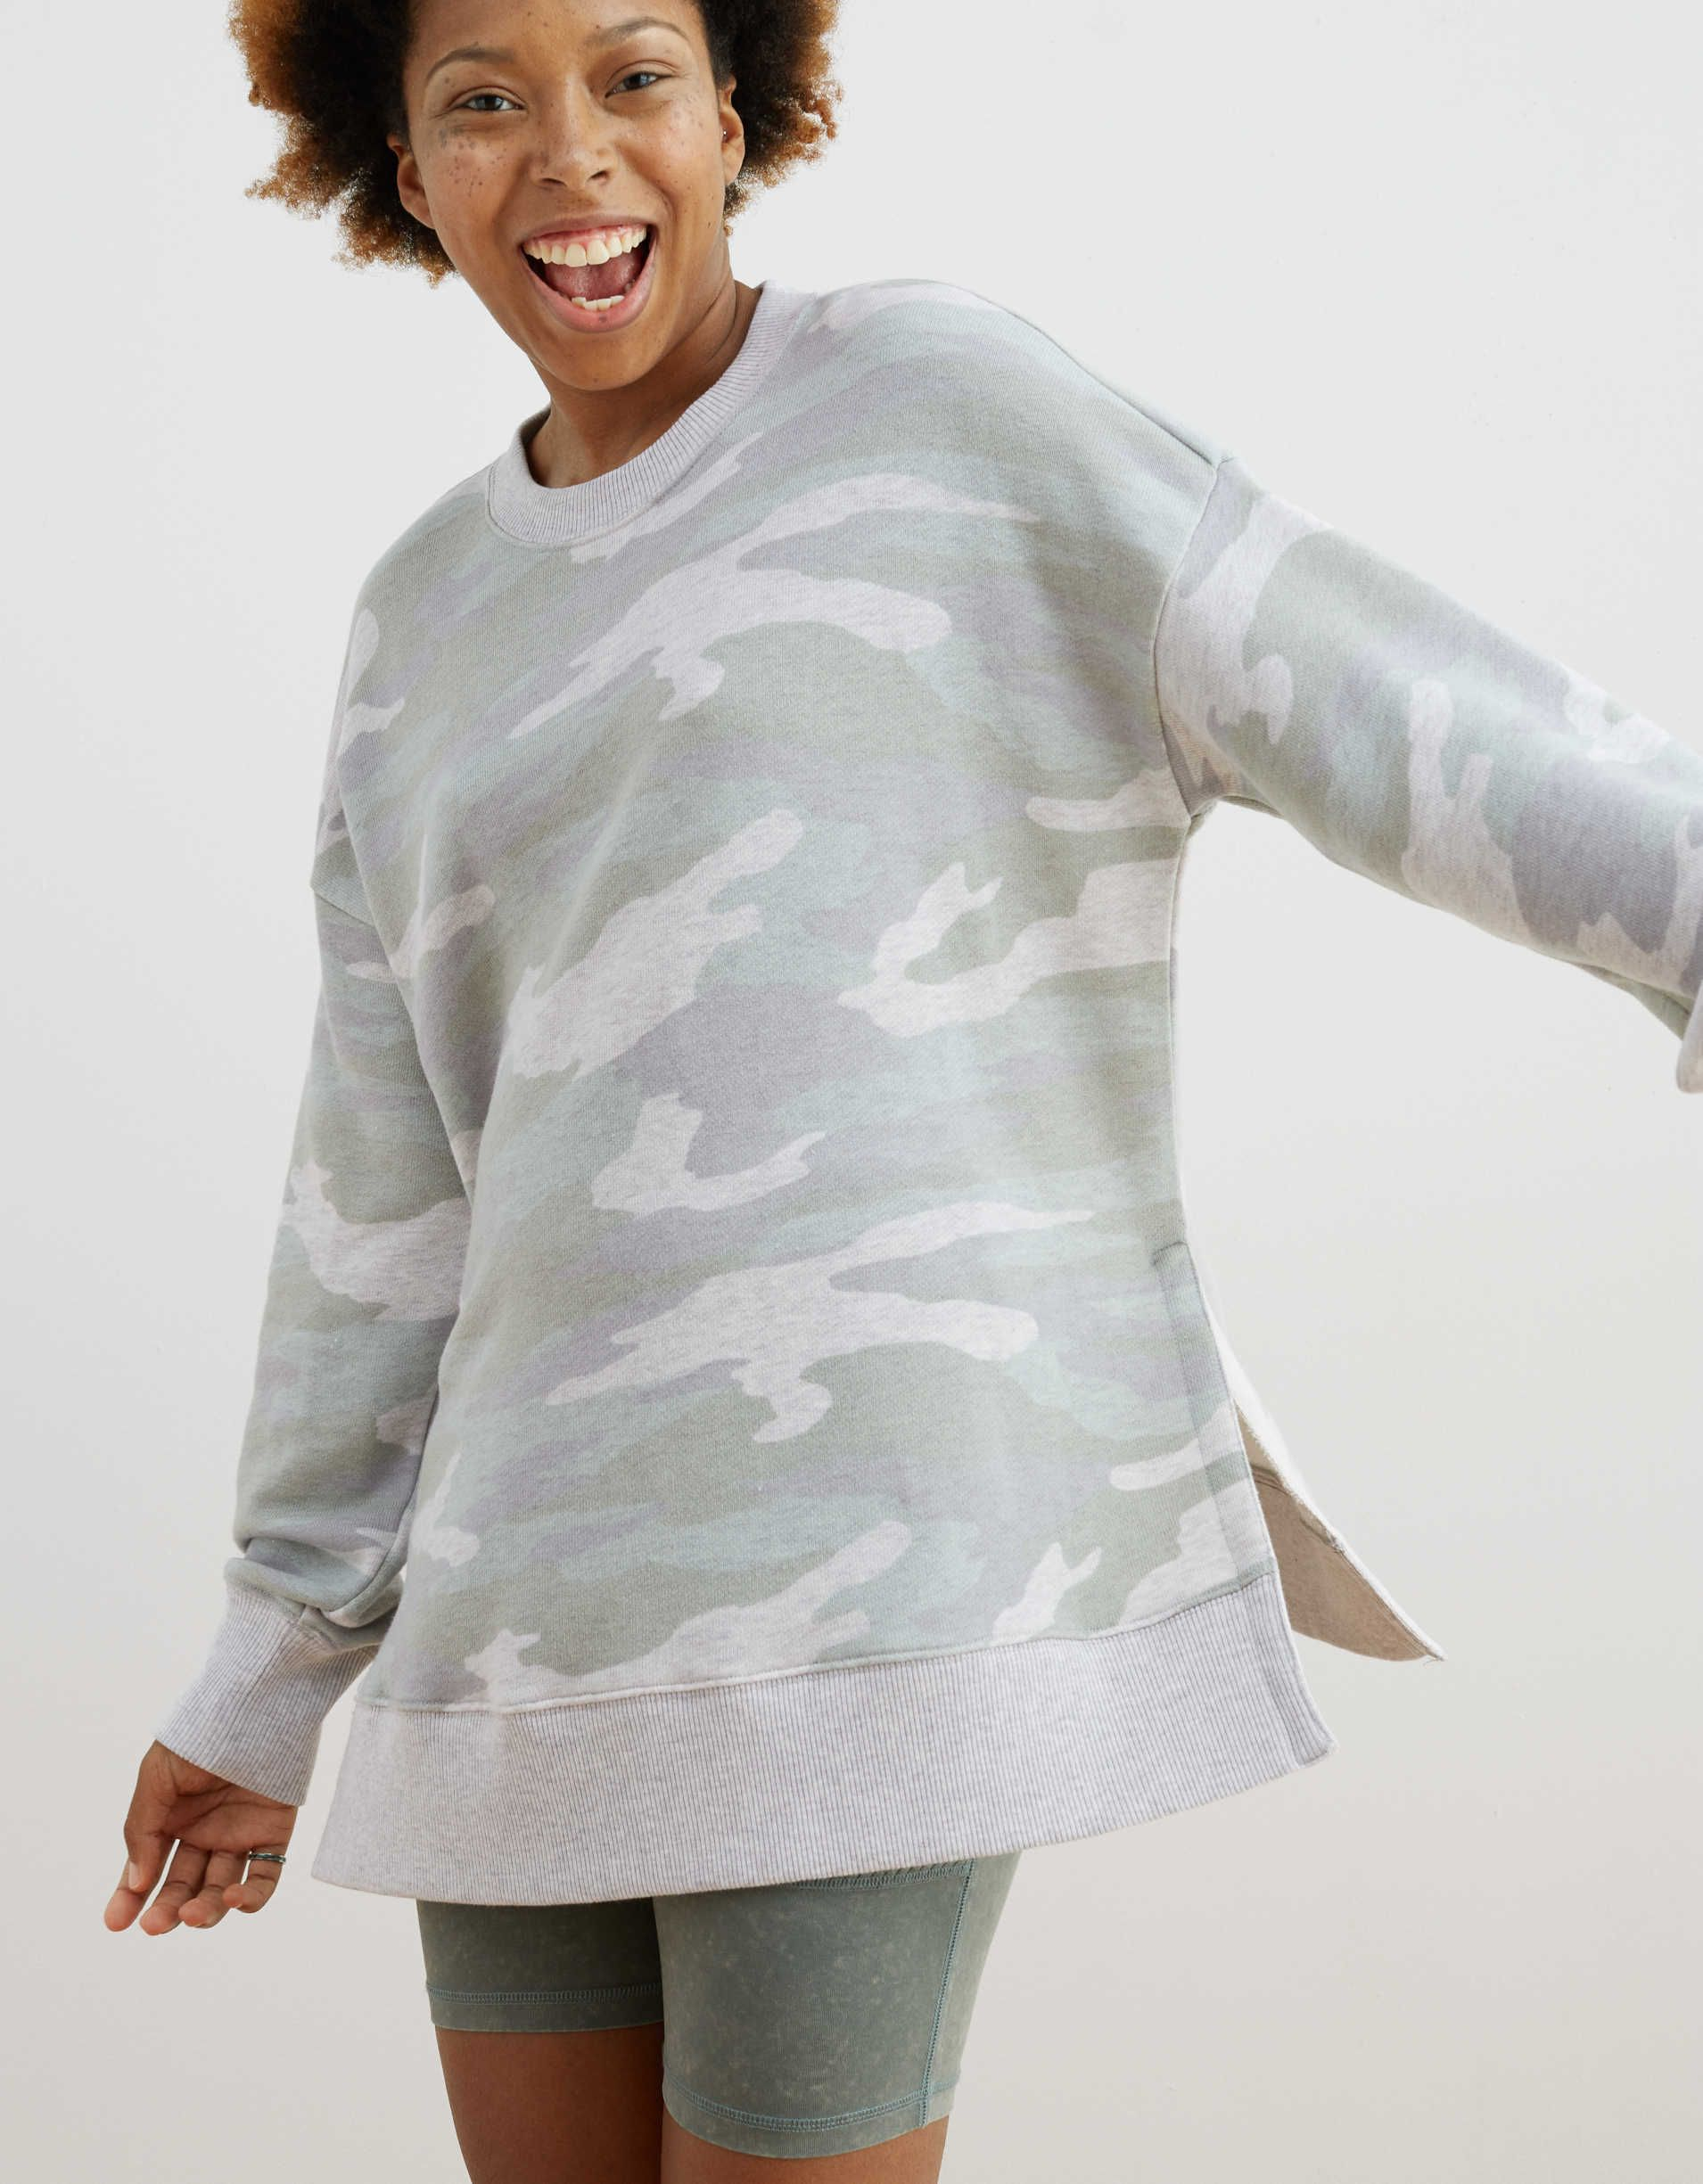 Aerie Oversized Desert Sweatshirt Cotton Sweatshirts Sweatshirts Hoodies Men [ 2450 x 1910 Pixel ]